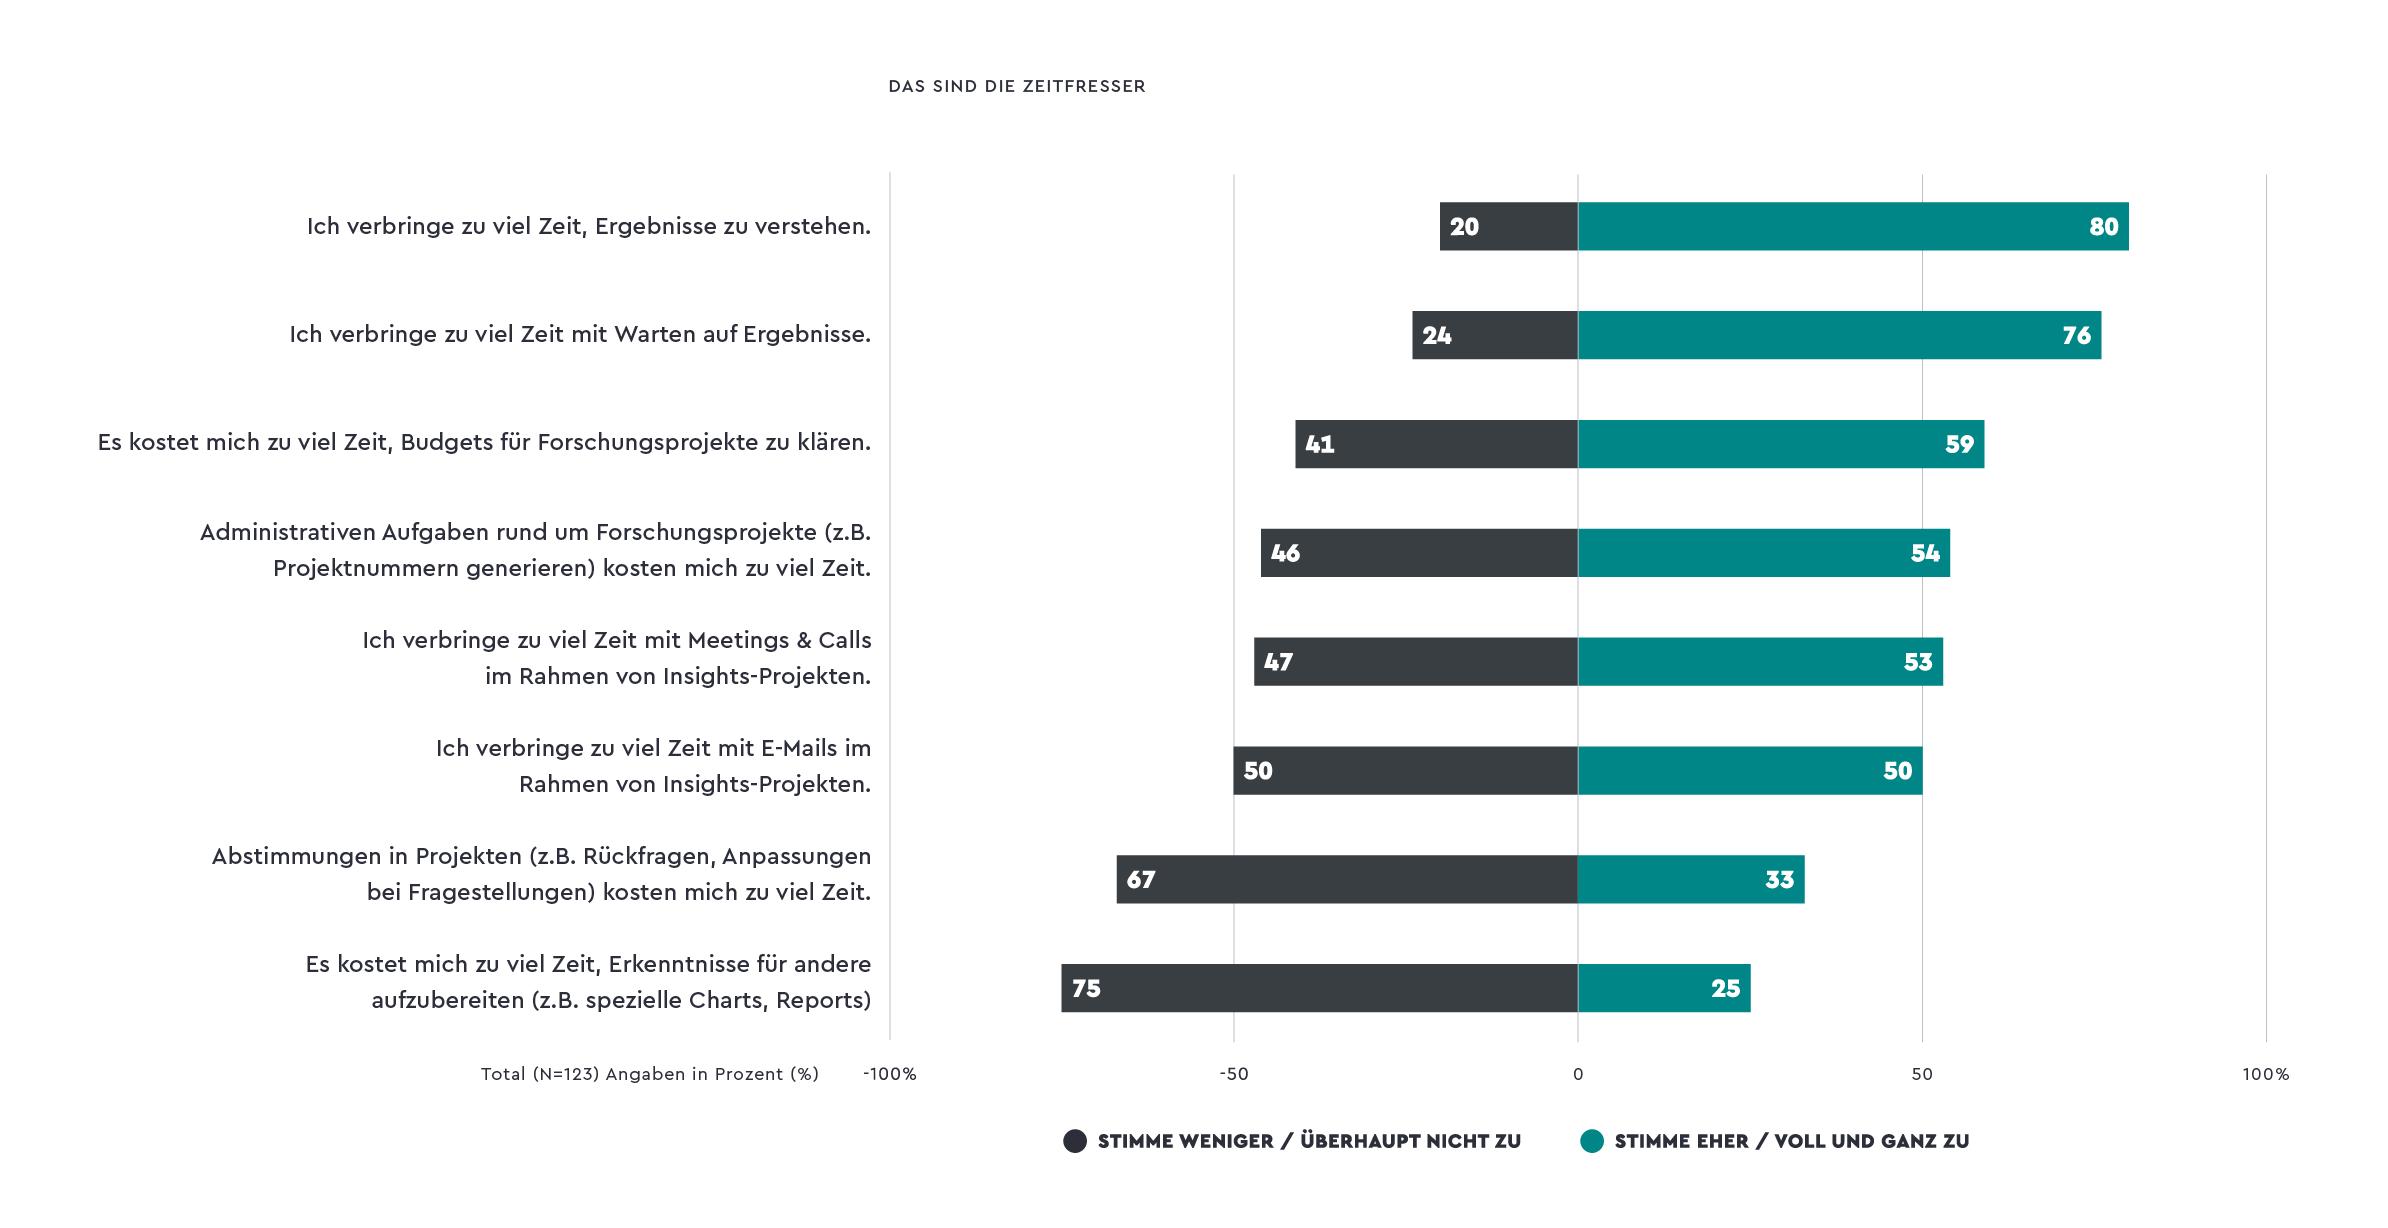 insights-report-2021-zeitfresser